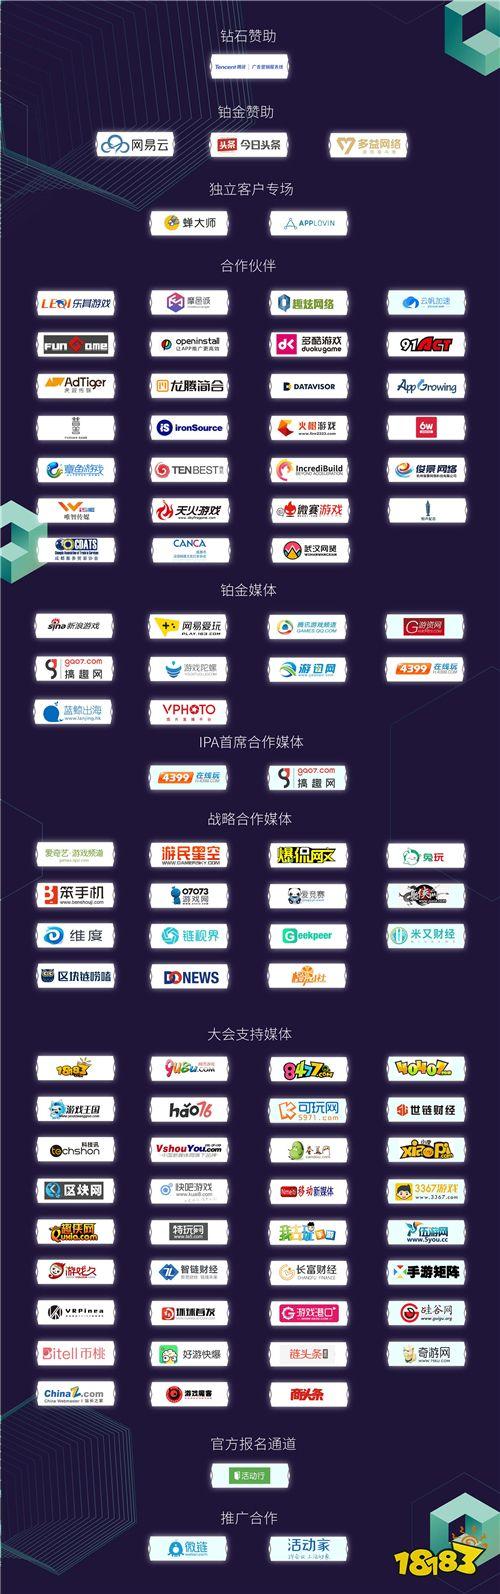 GMGC•成都•2018|中投艺影CEO汤峰:不止于游戏的游戏